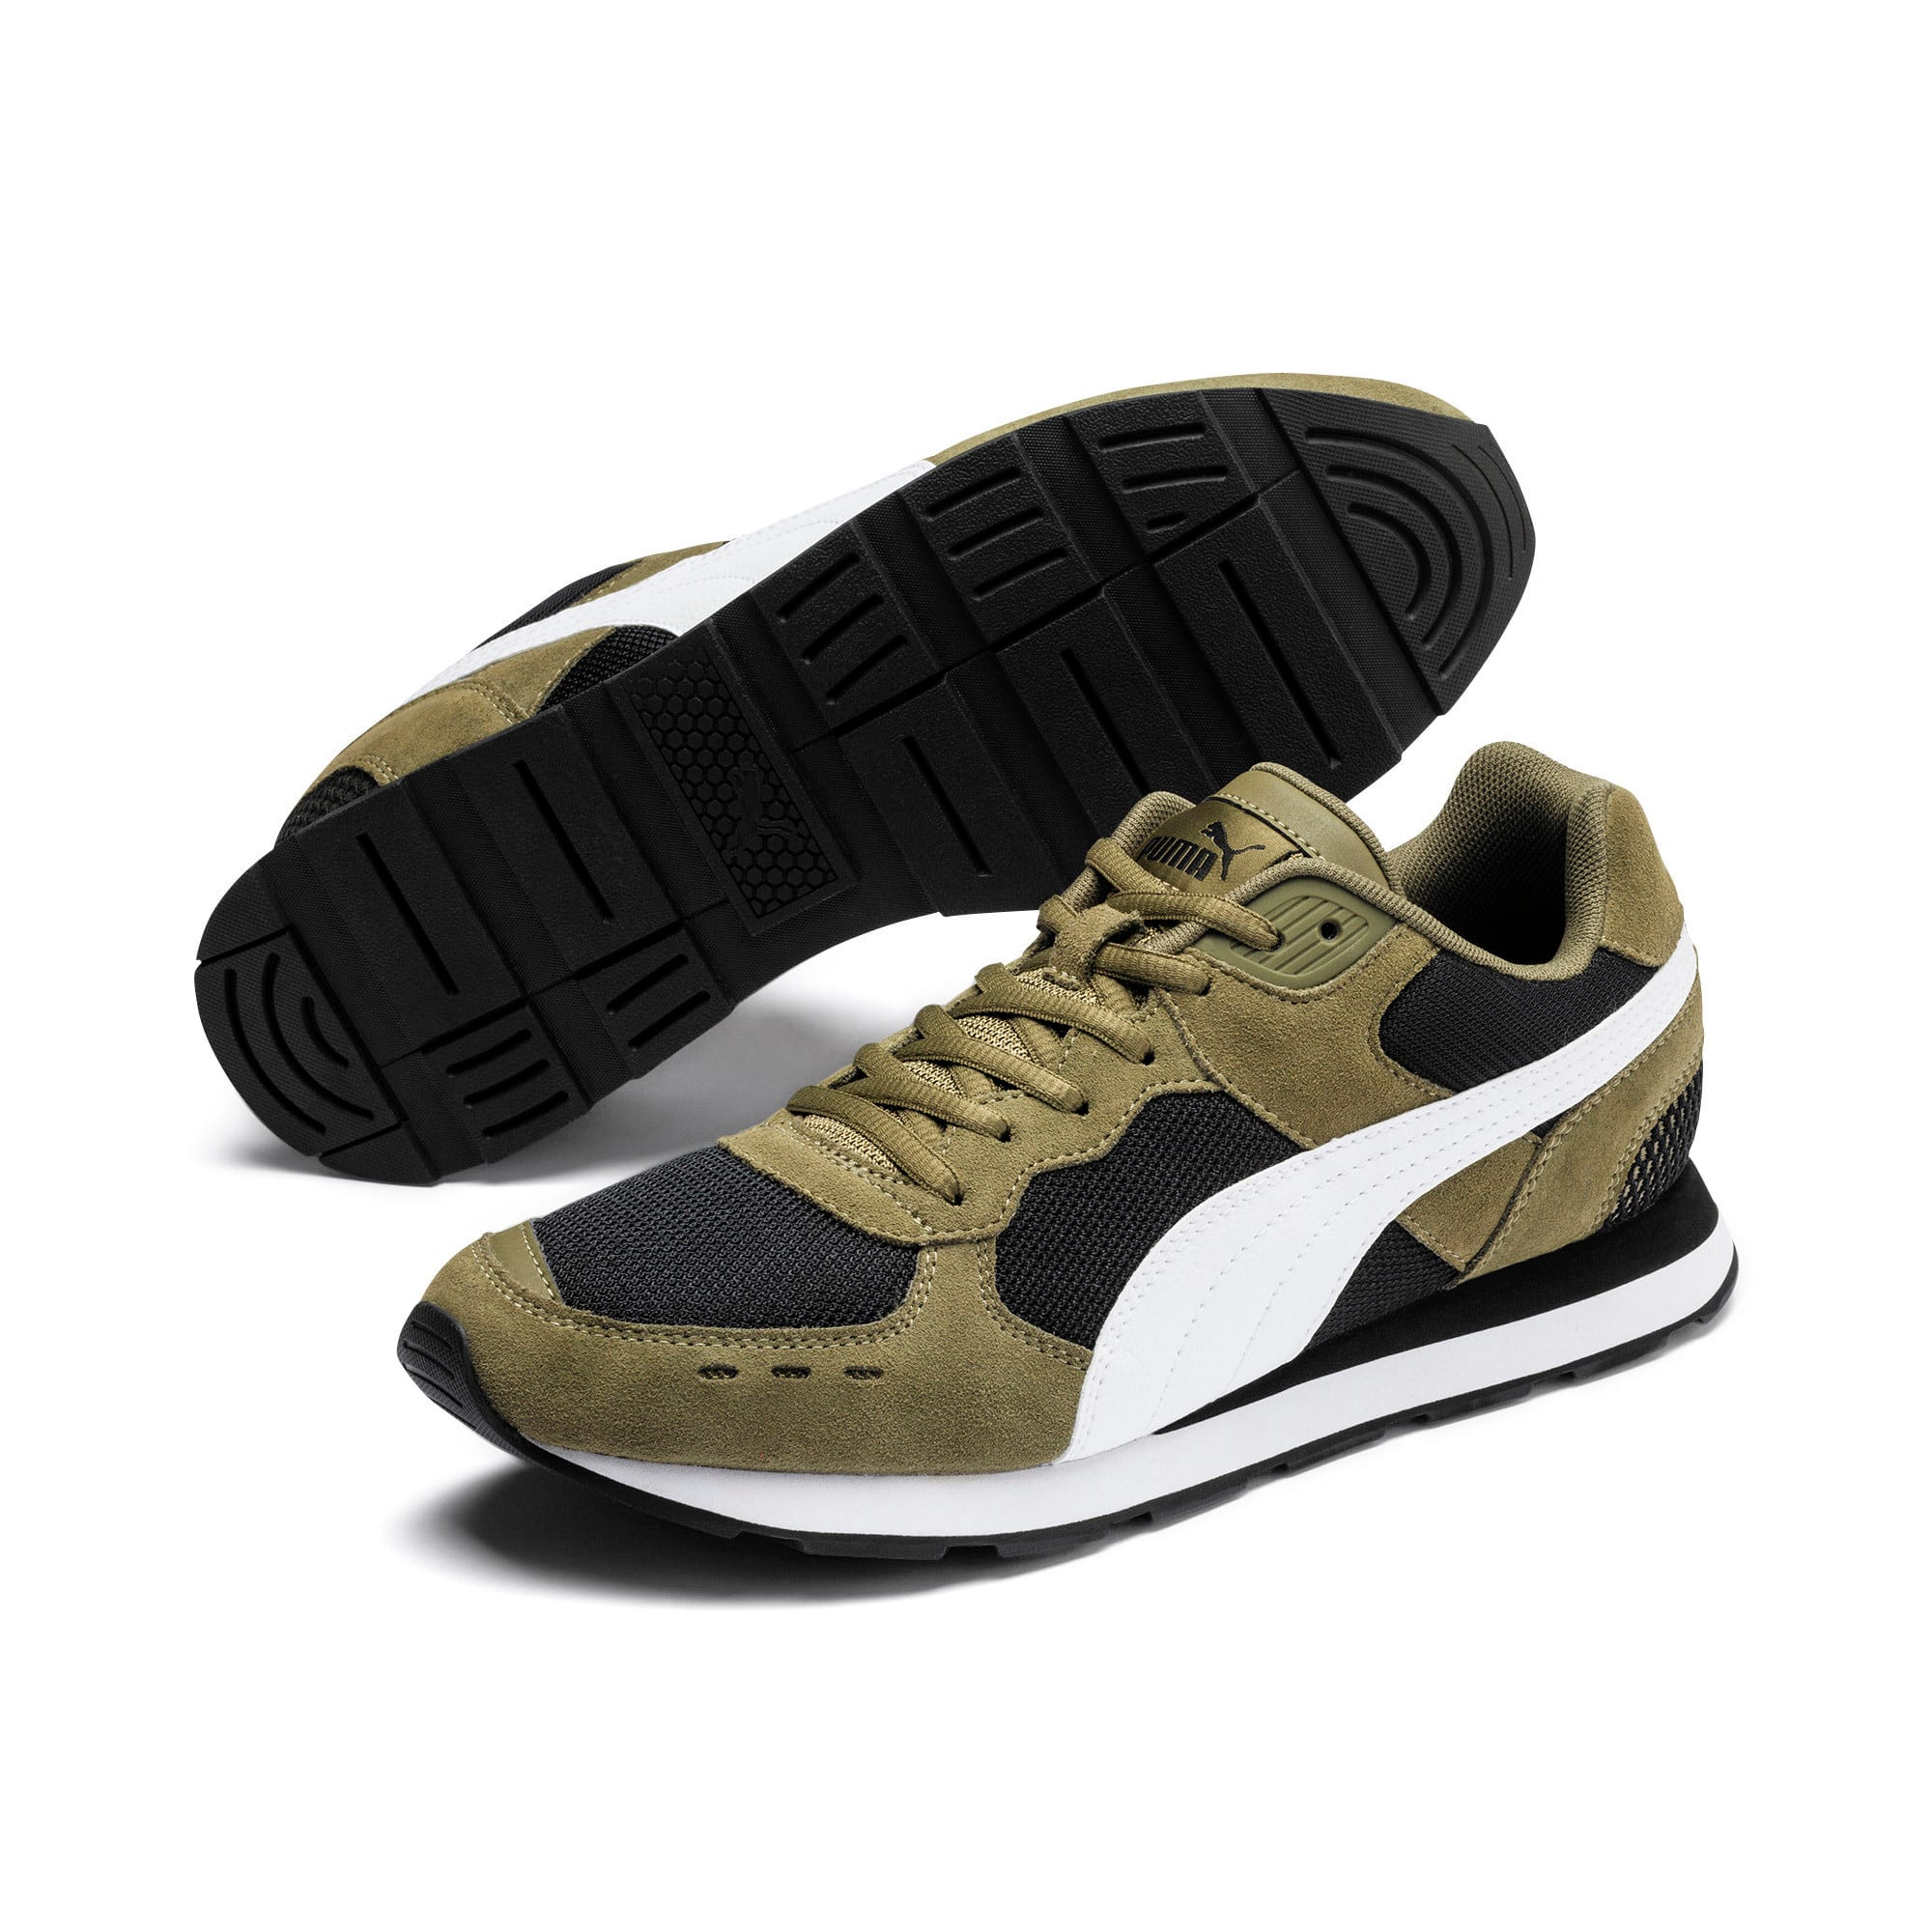 Miniatura 3 de Zapatos deportivos Vista, Burnt Olive-Puma White, mediano